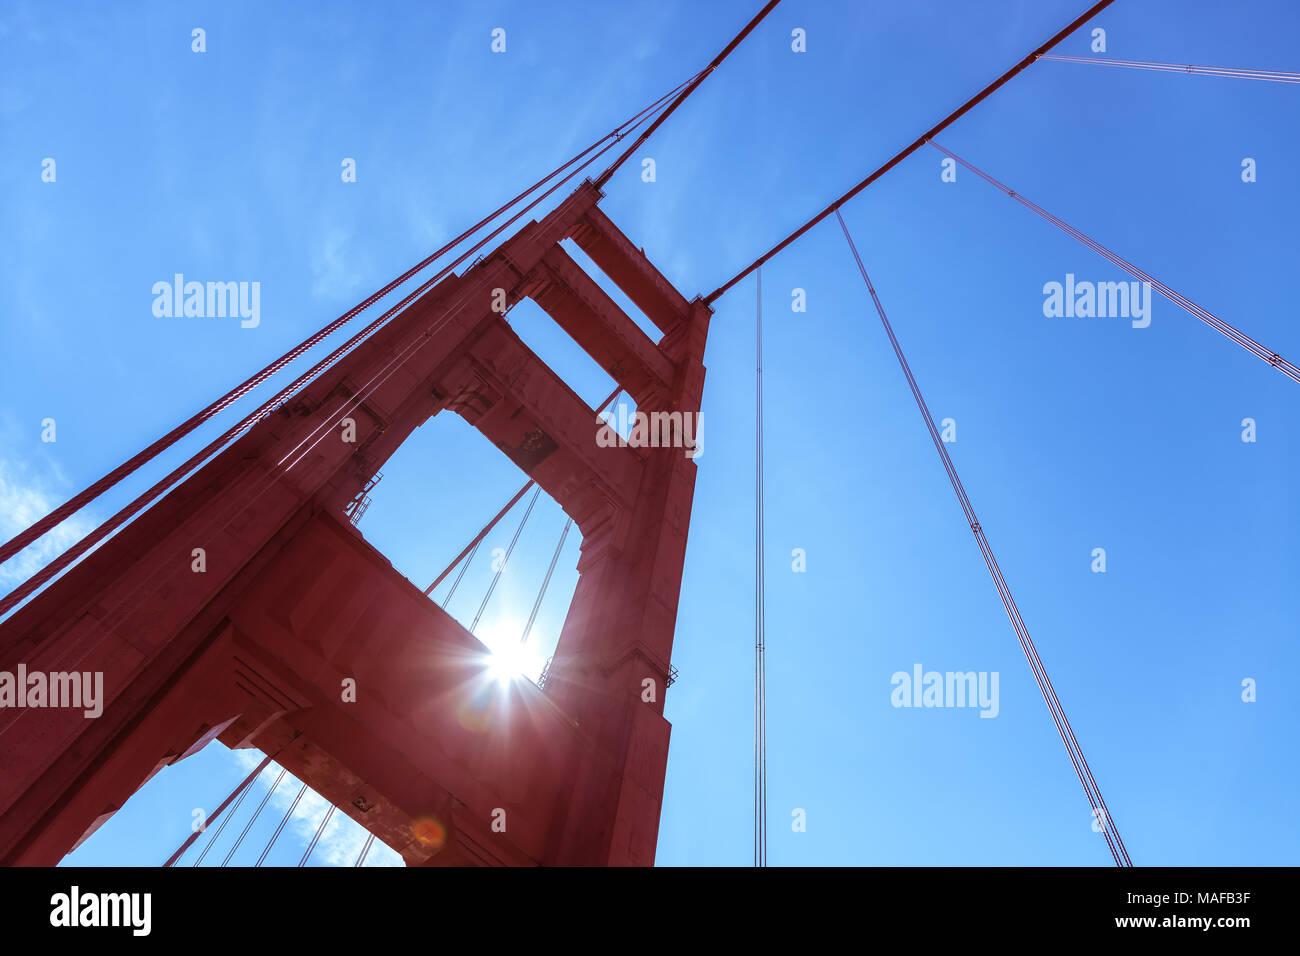 La structure de la tour du pont Golden Gate, San Francisco, California, United States. Photo Stock